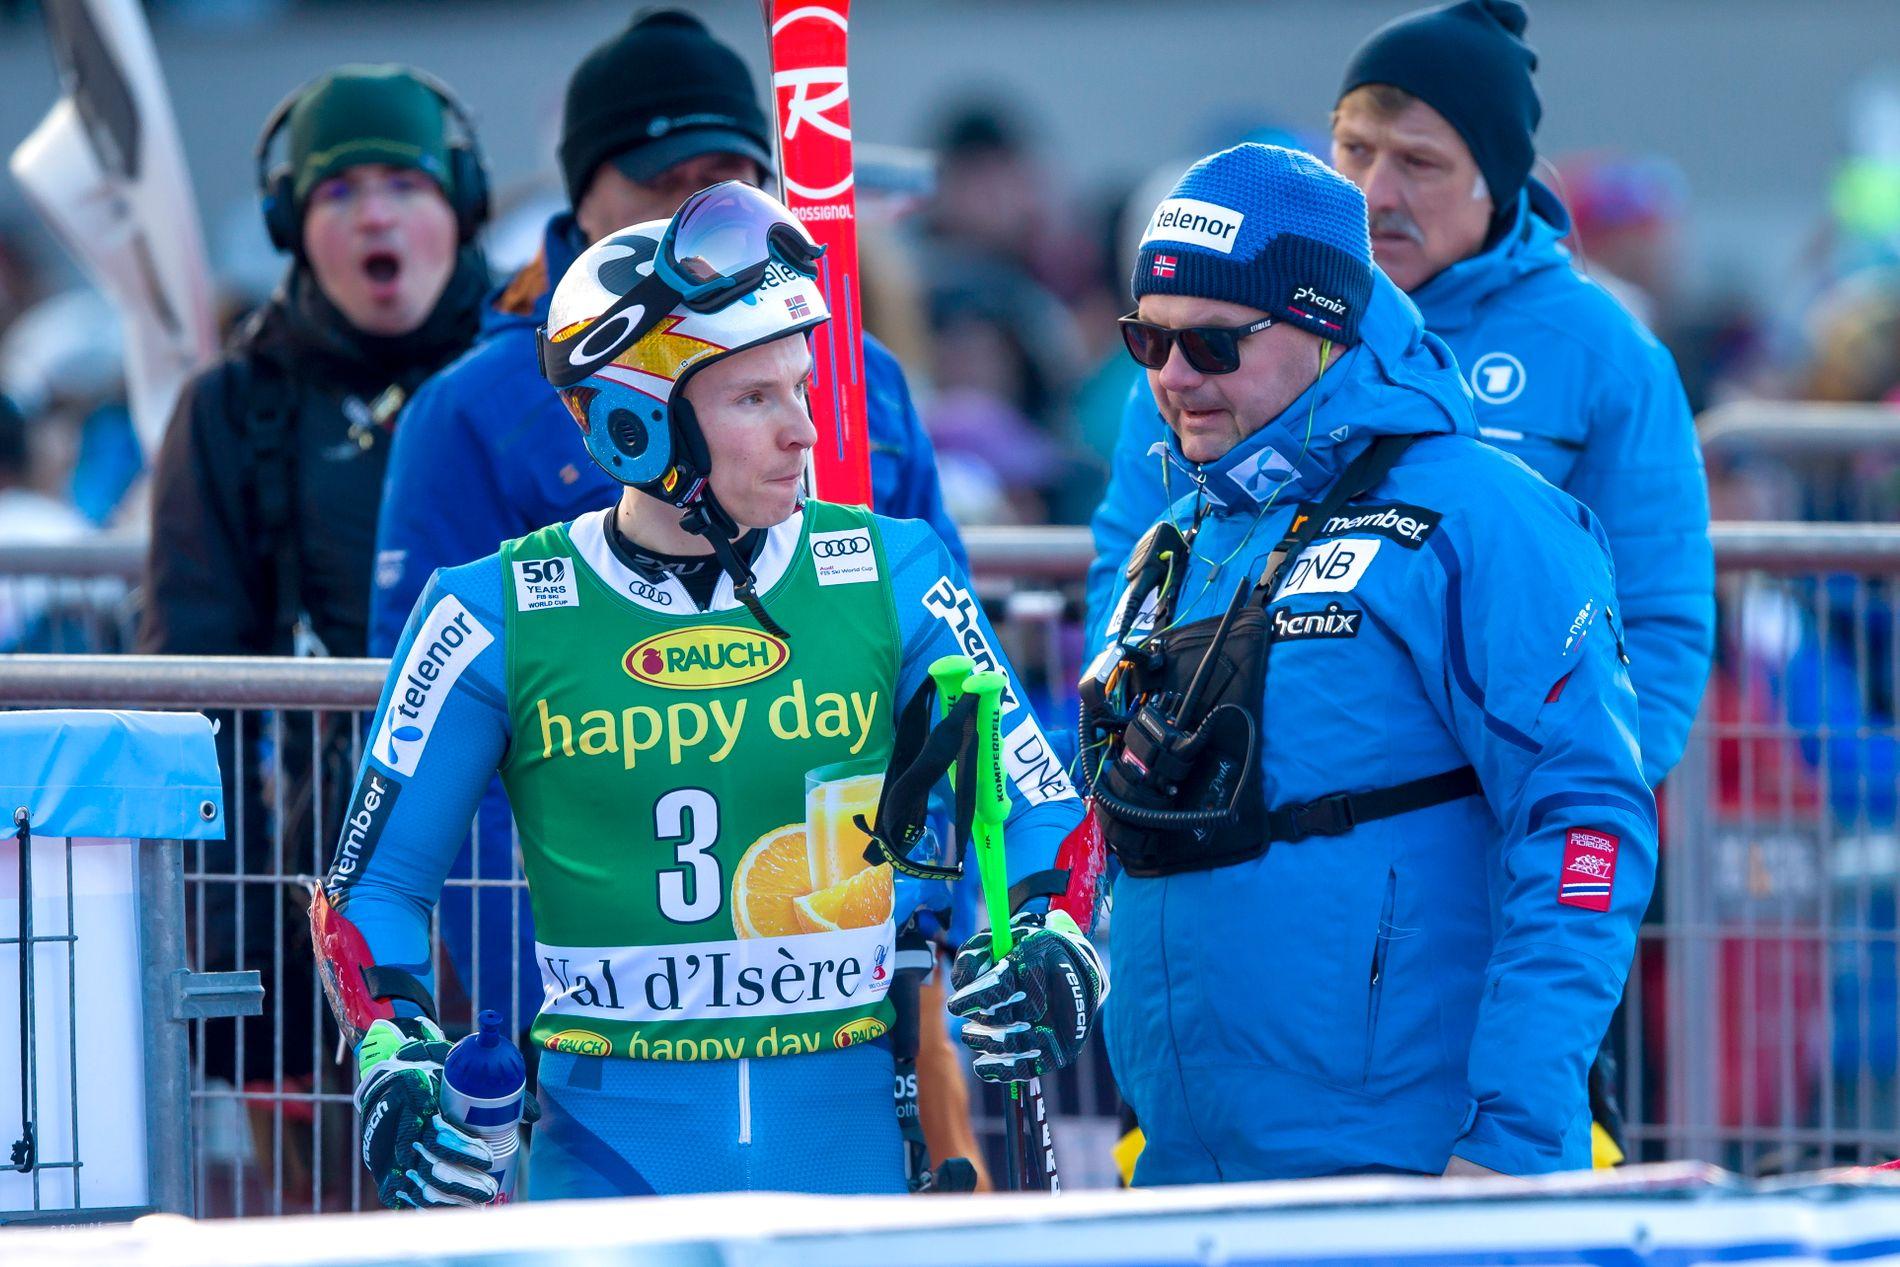 NY TILLIT: Til tross for gjentatte økonomiske problemer med Claus Ryste som alpinsjef, har han fått fornyet tillit til 2023. Her sammen med Henrik Kristoffersen, som har gått til sak mot eget forbund på grunn av en sponsorkonflikt.